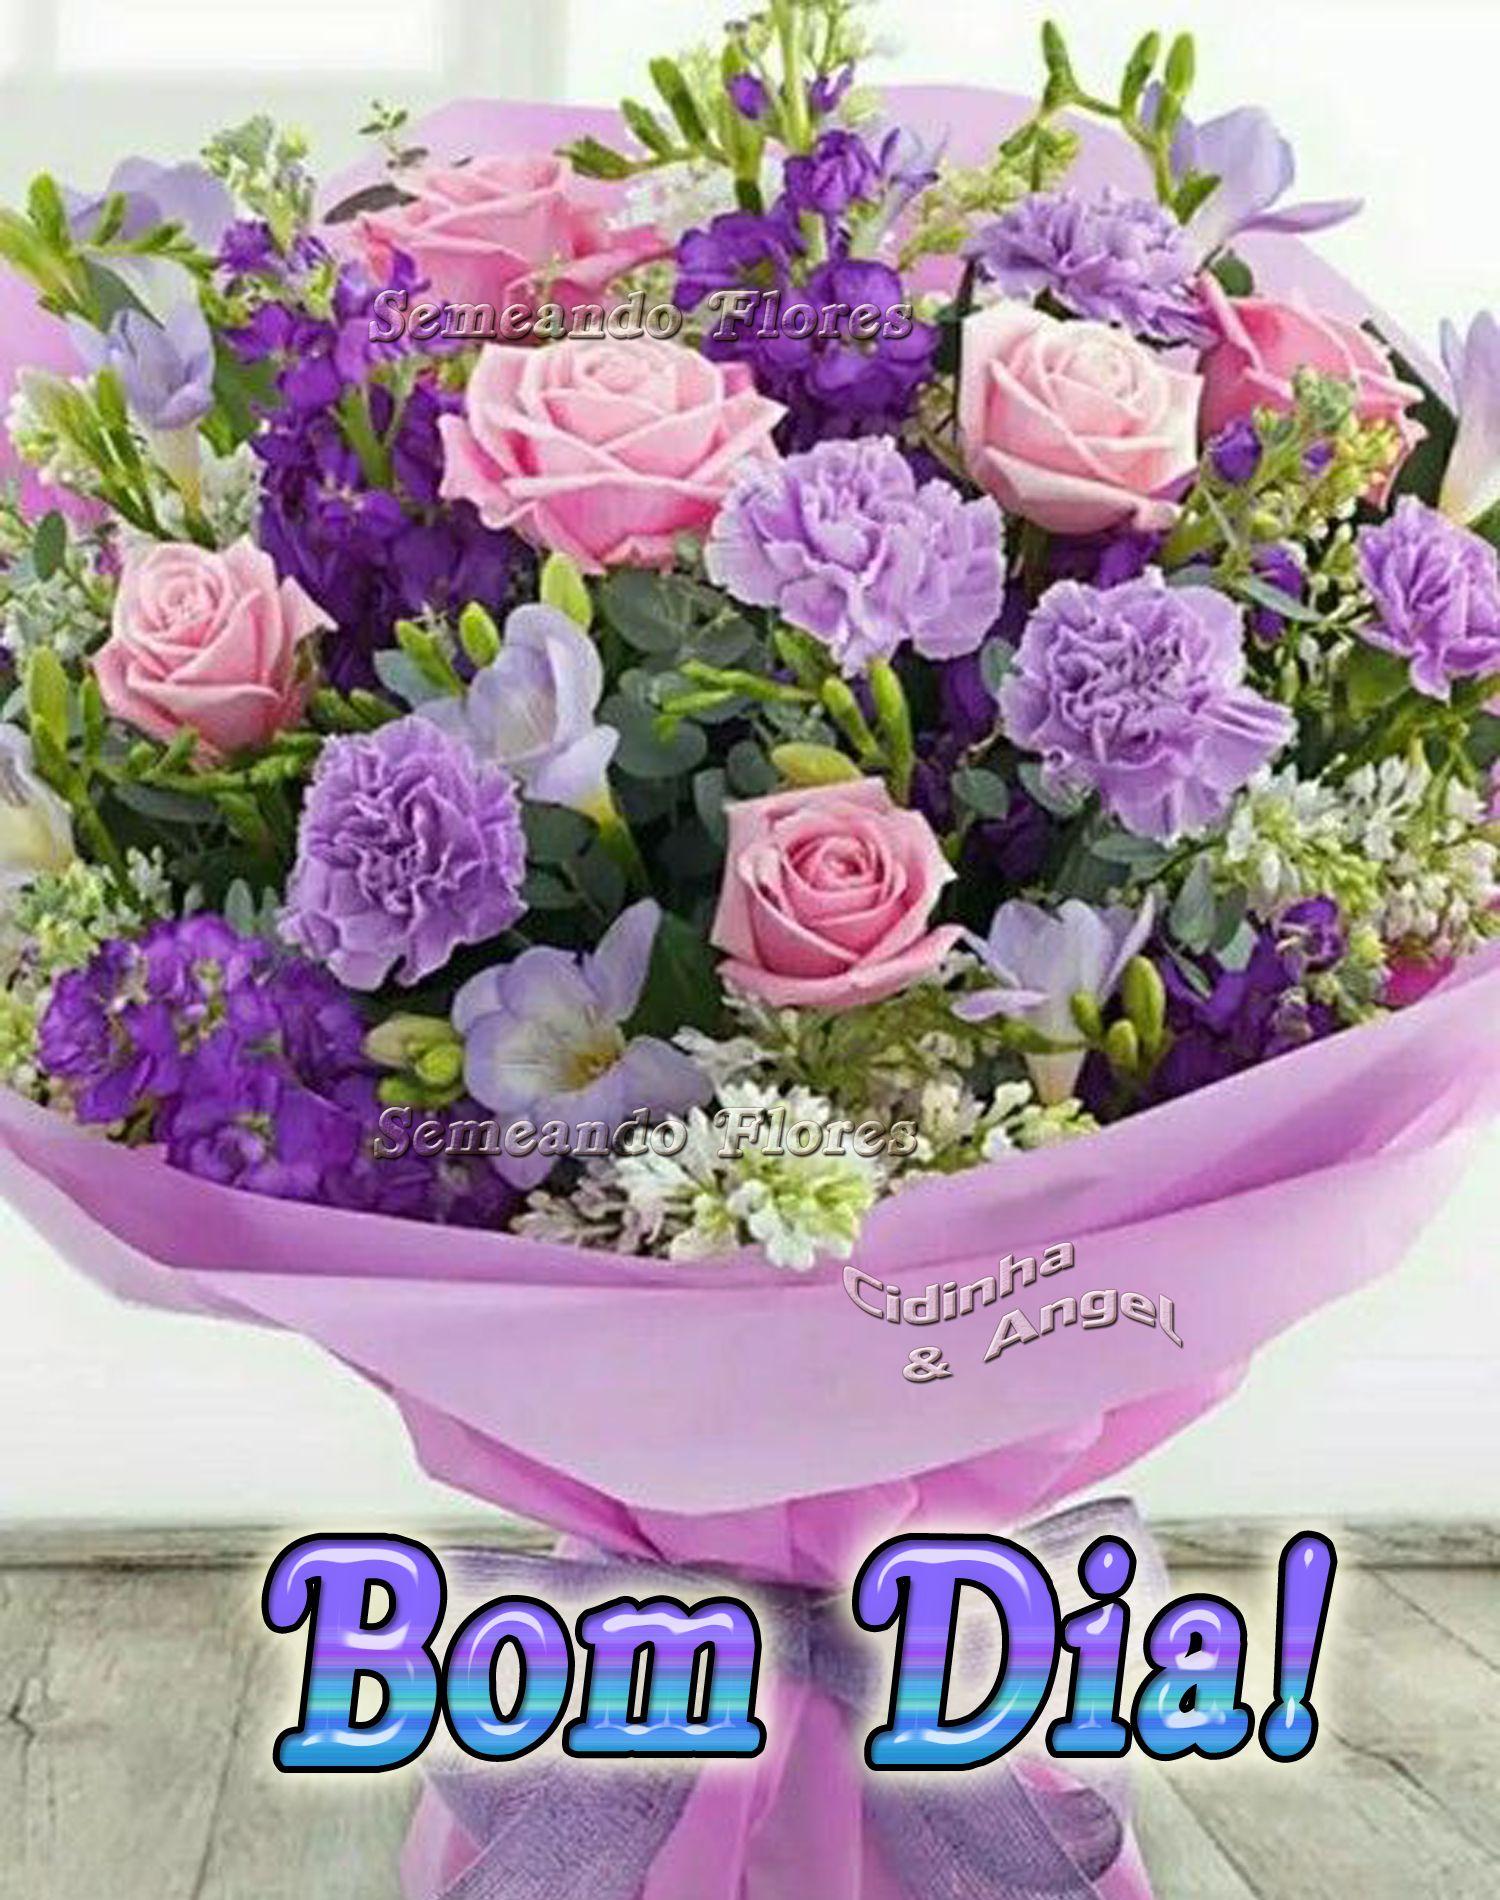 Pin De Luisinha Palma Em Flores Com Imagens Mensagen De Bom